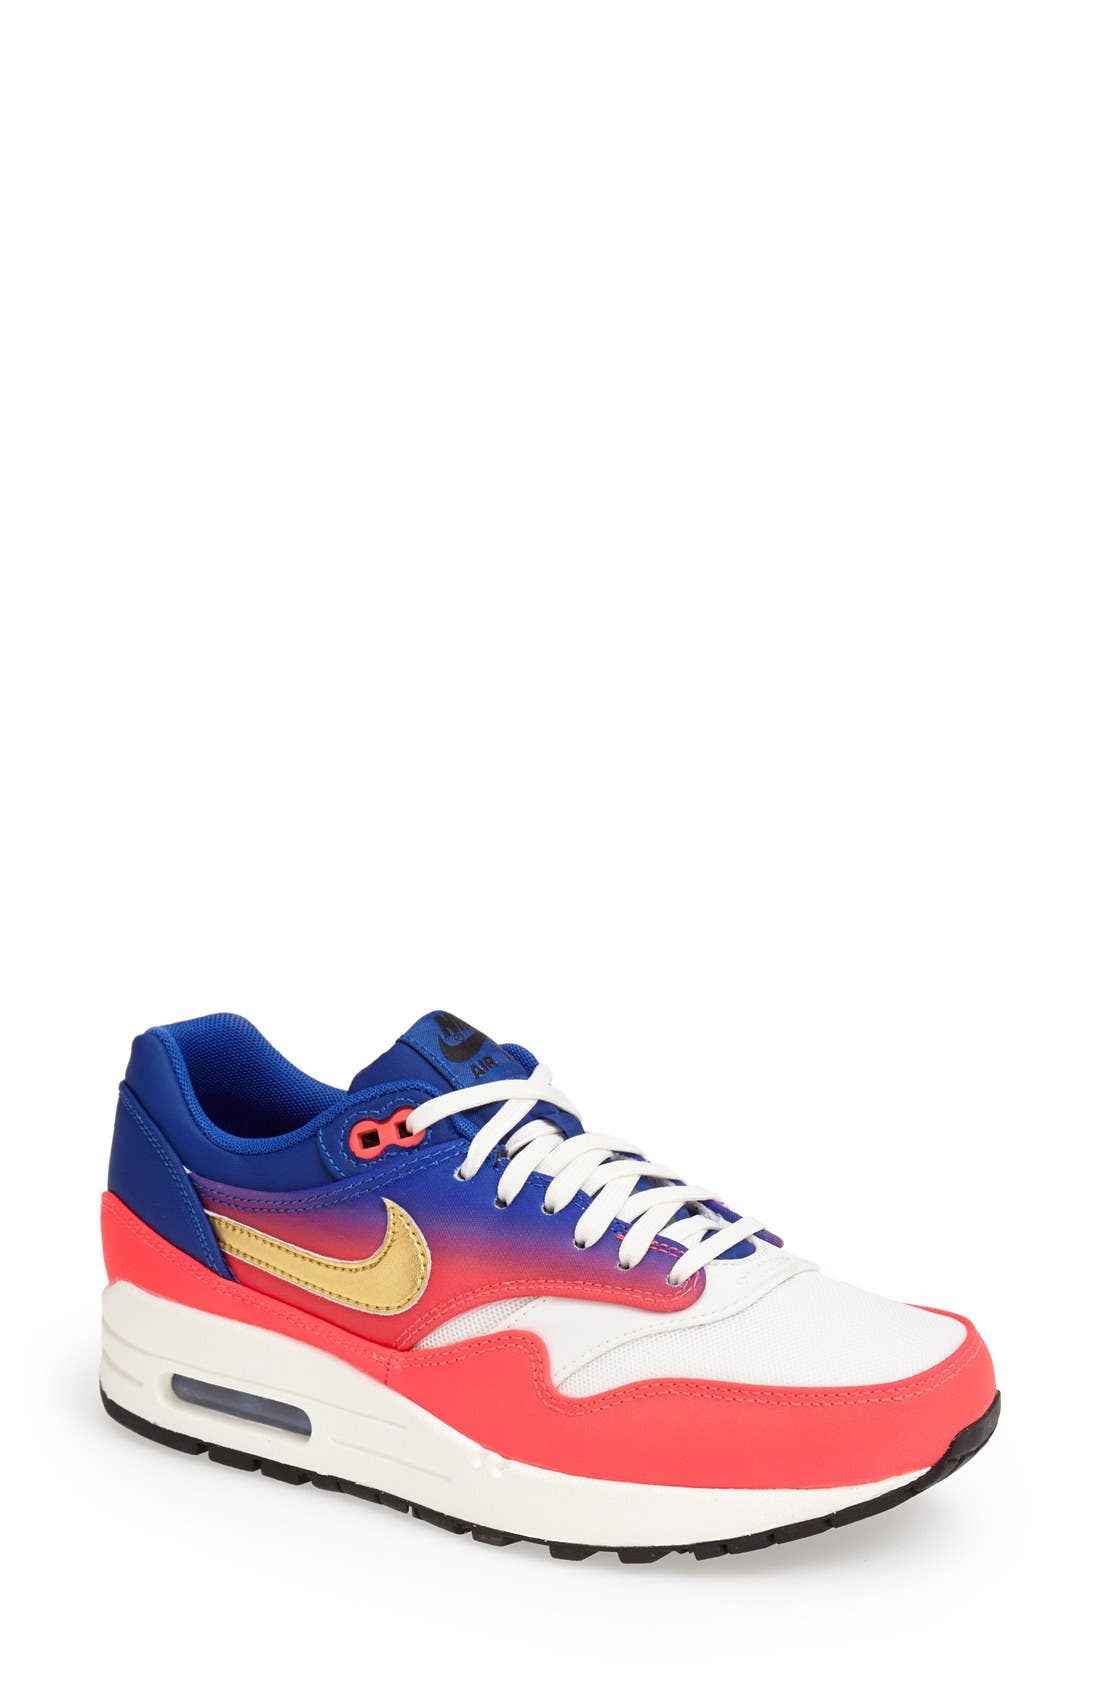 Alternate Image 1 Selected - Nike 'Air Max 1 Vintage' Sneakers (Women)